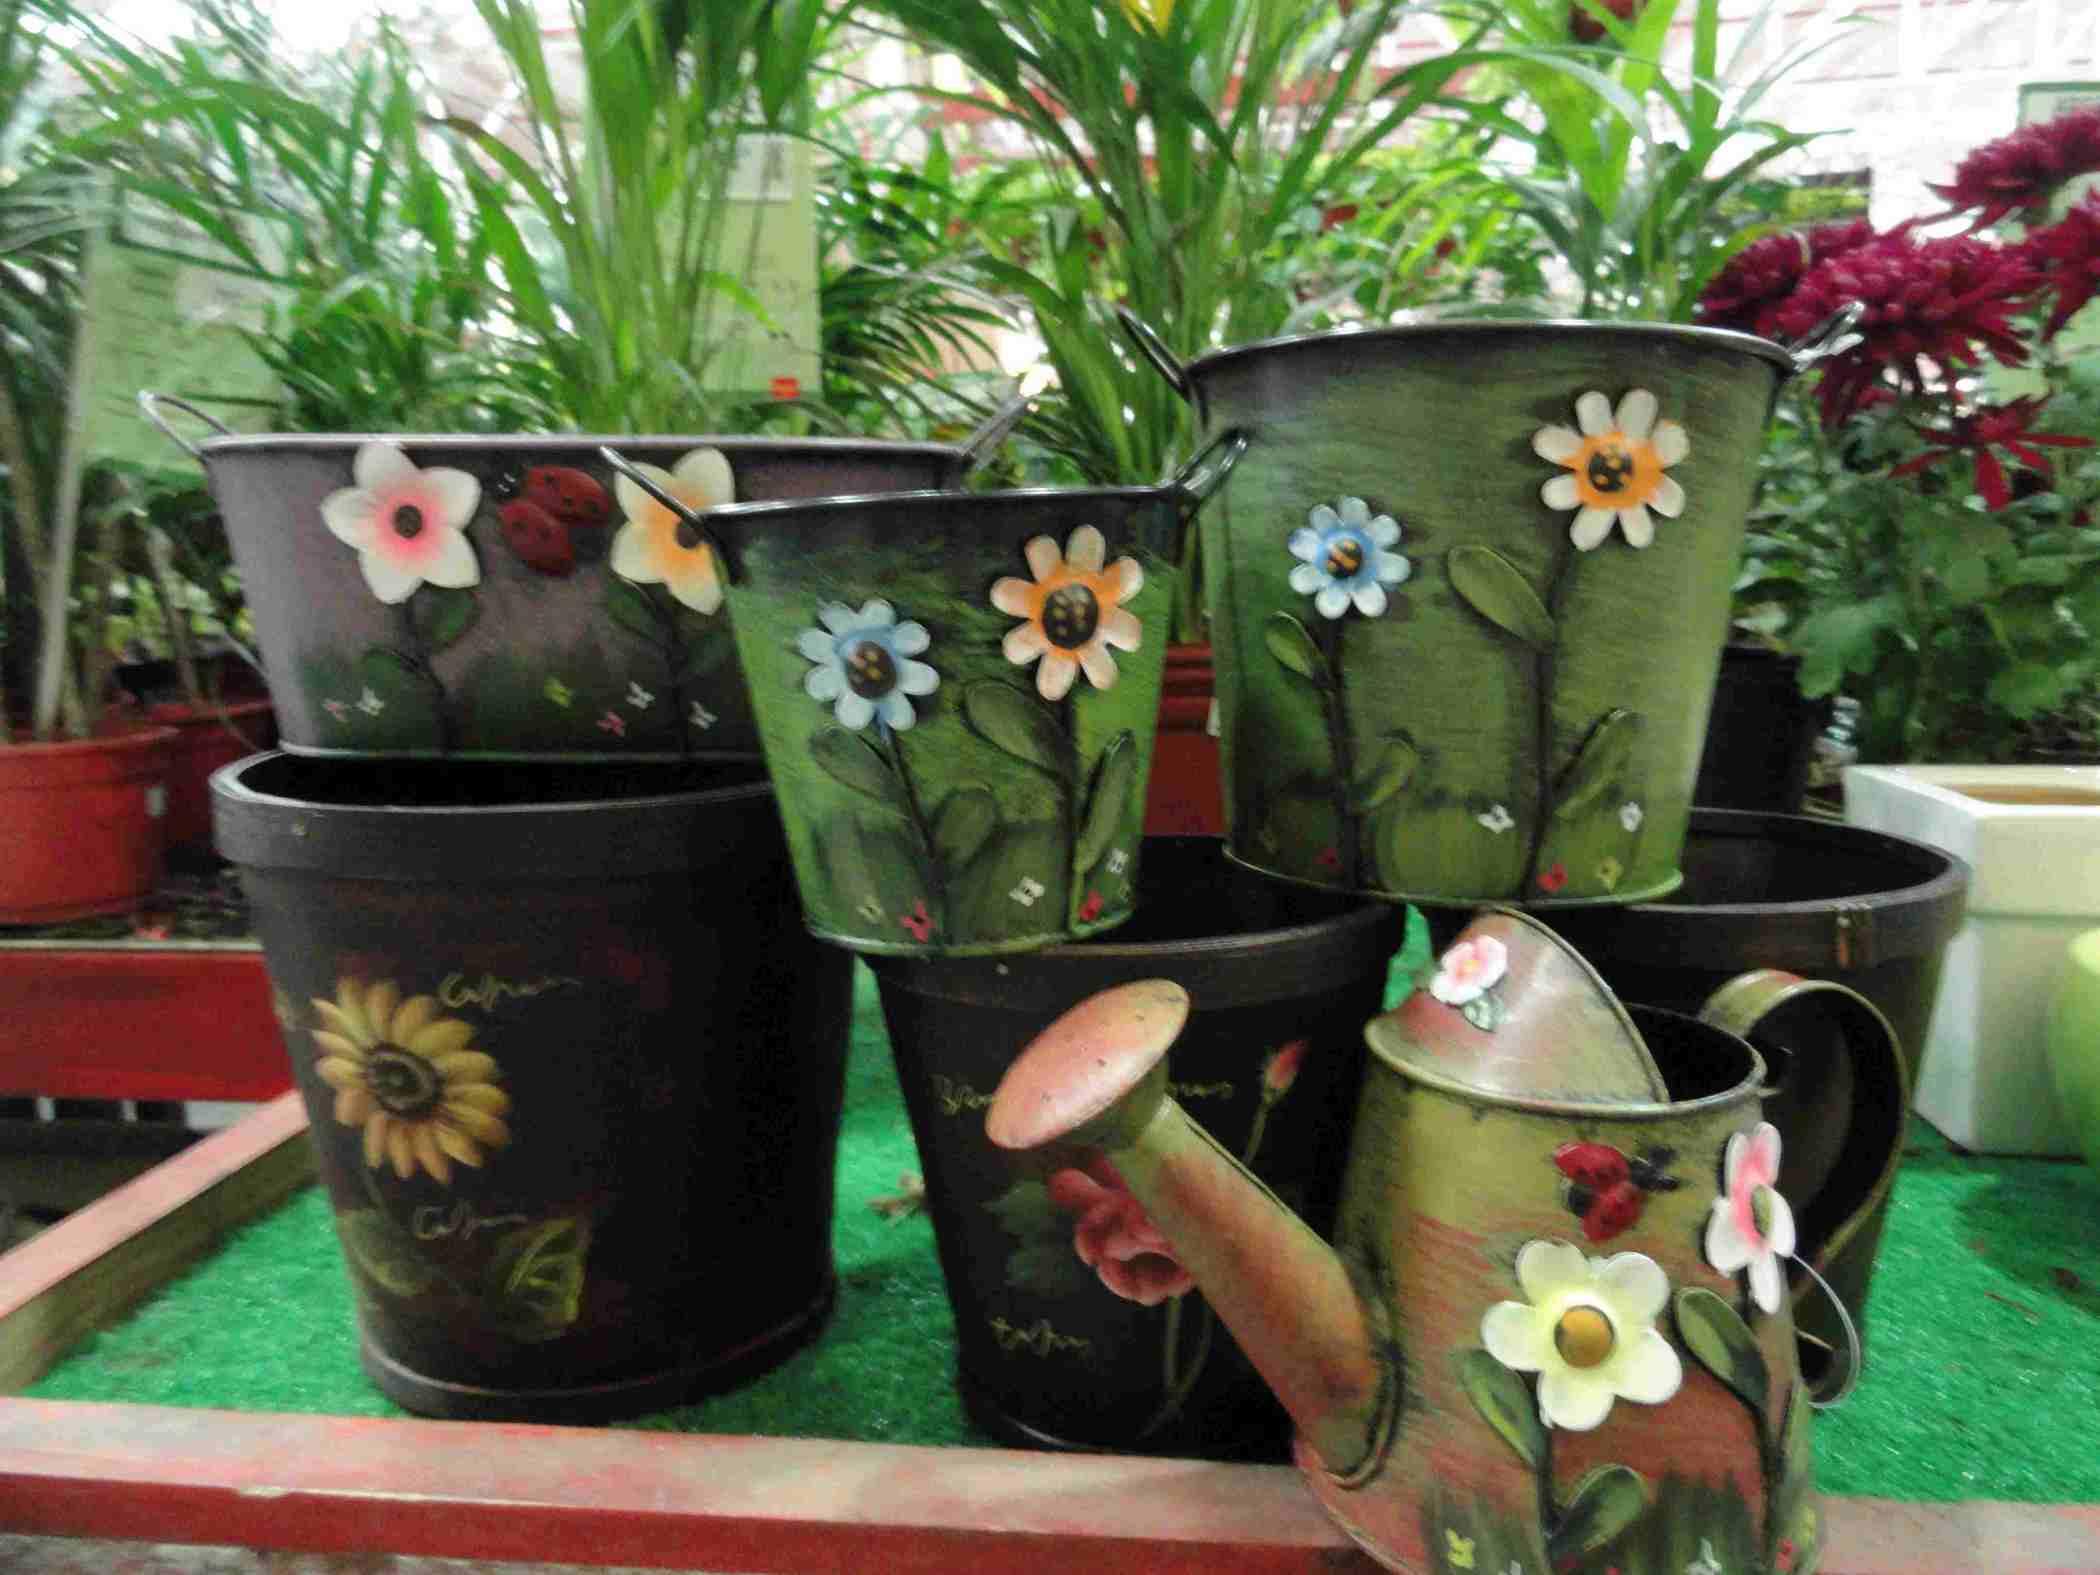 Macetas artesanales de lata el jardin en casa - Decoracion con macetas ...